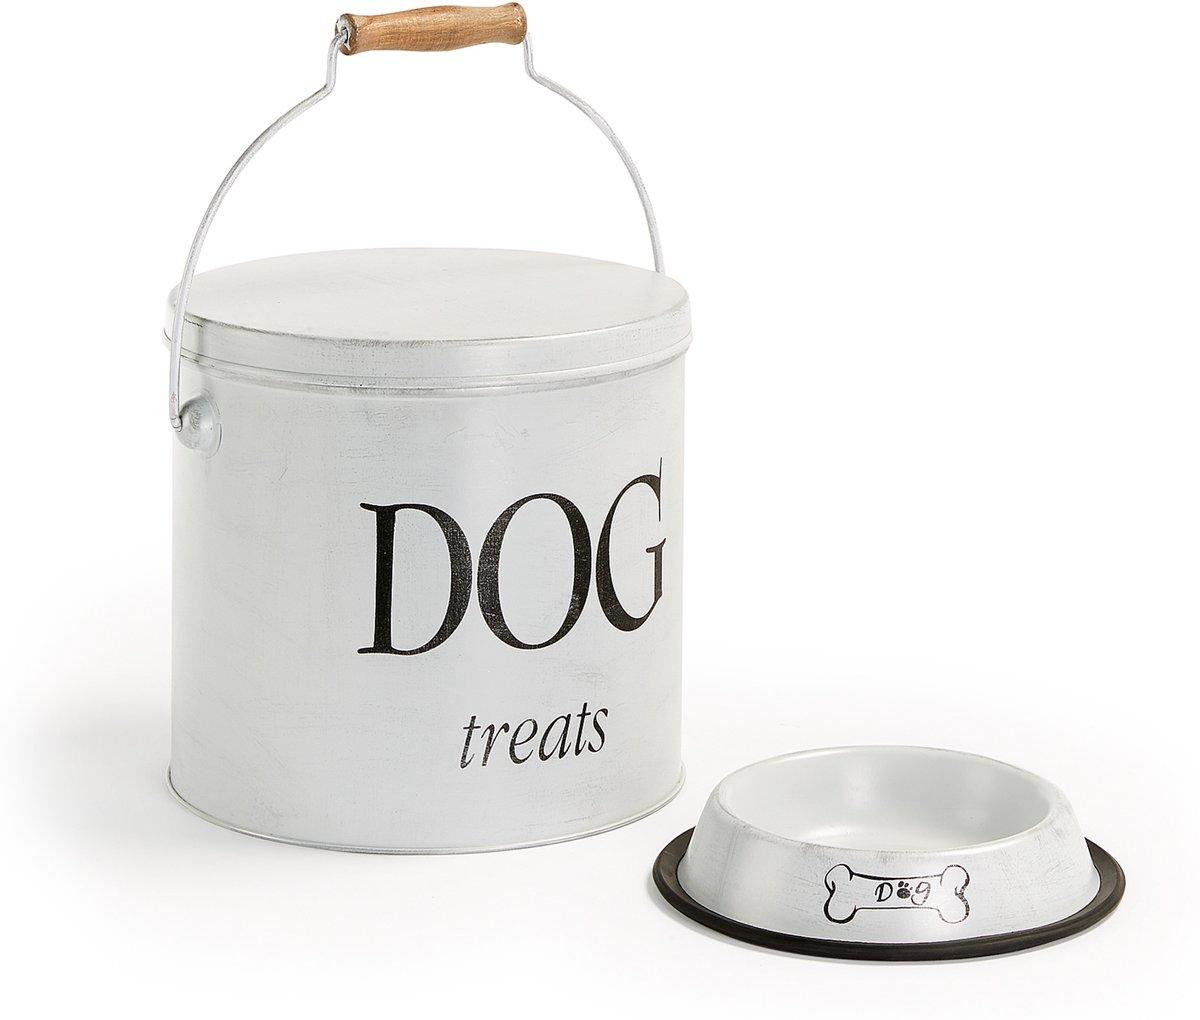 Kave Home DOT Voerbak plus ton voor de hond - Wit Bak - Metaal kopen